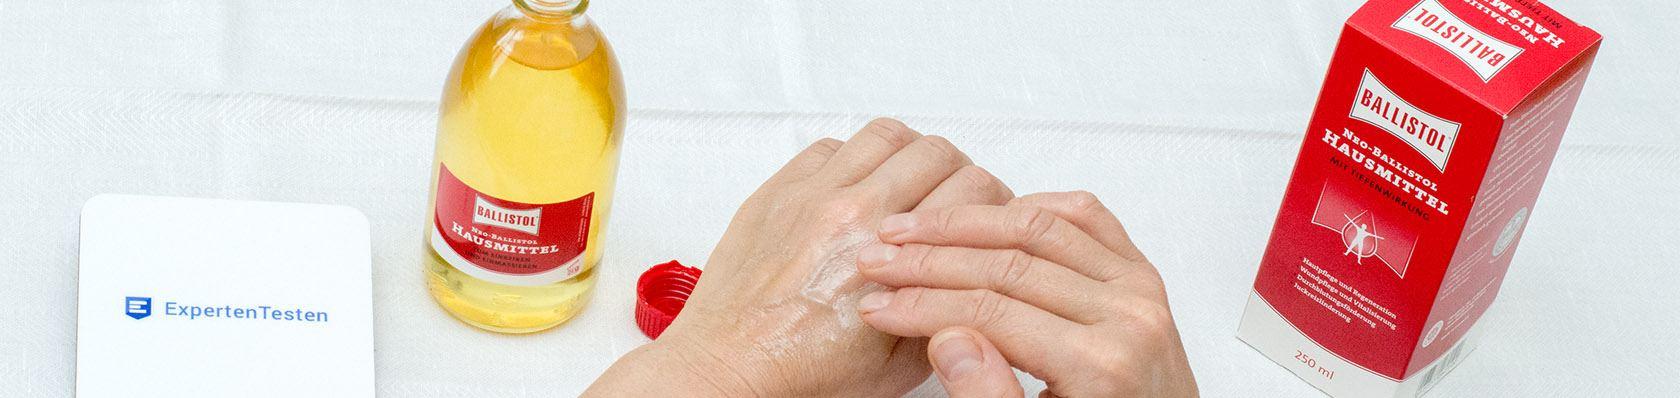 Massageöls im Test auf ExpertenTesten.de